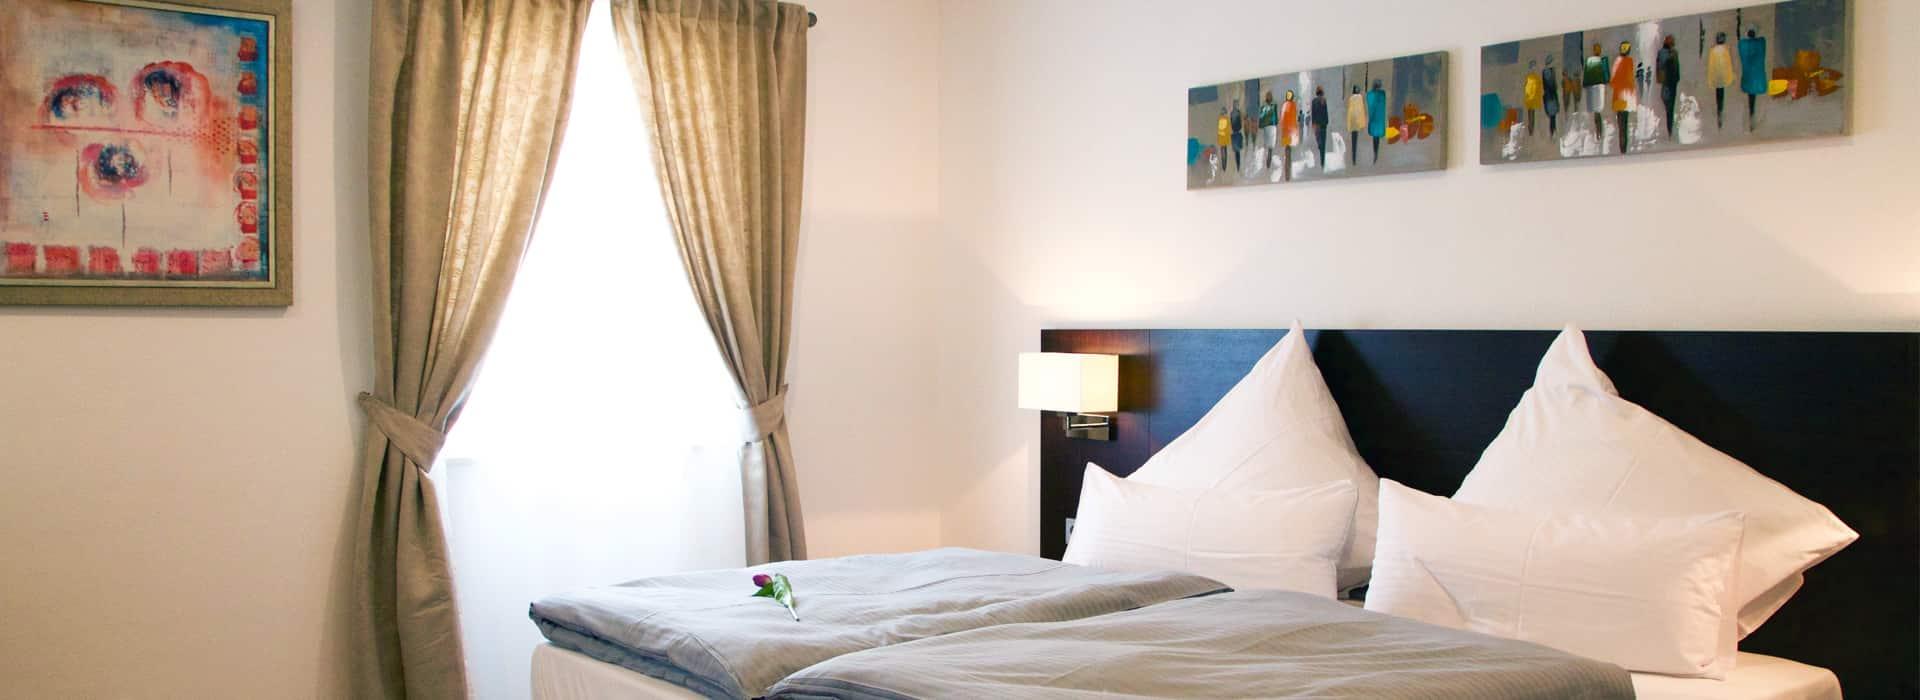 Hotel im Ried Donauwörth (Zimmer)